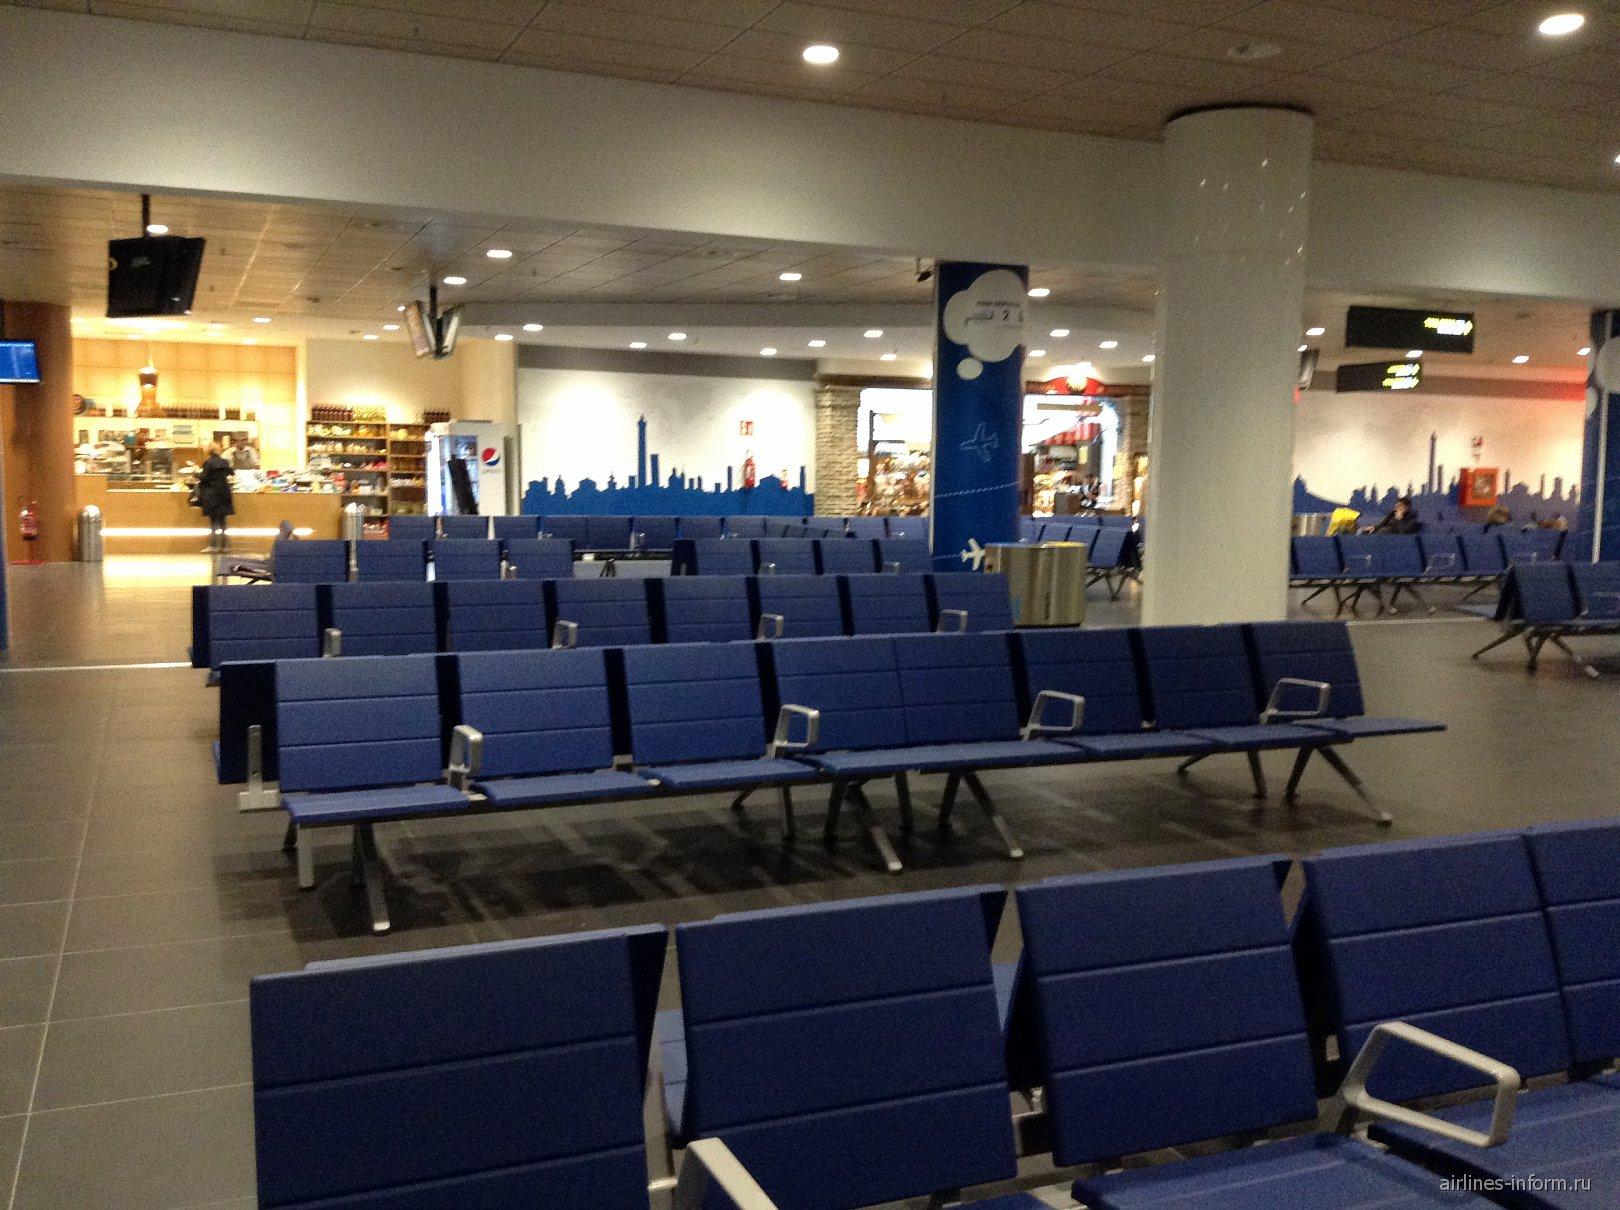 Зал ожидания в чистой зоне аэропорта Болонья Гульельмо Маркони